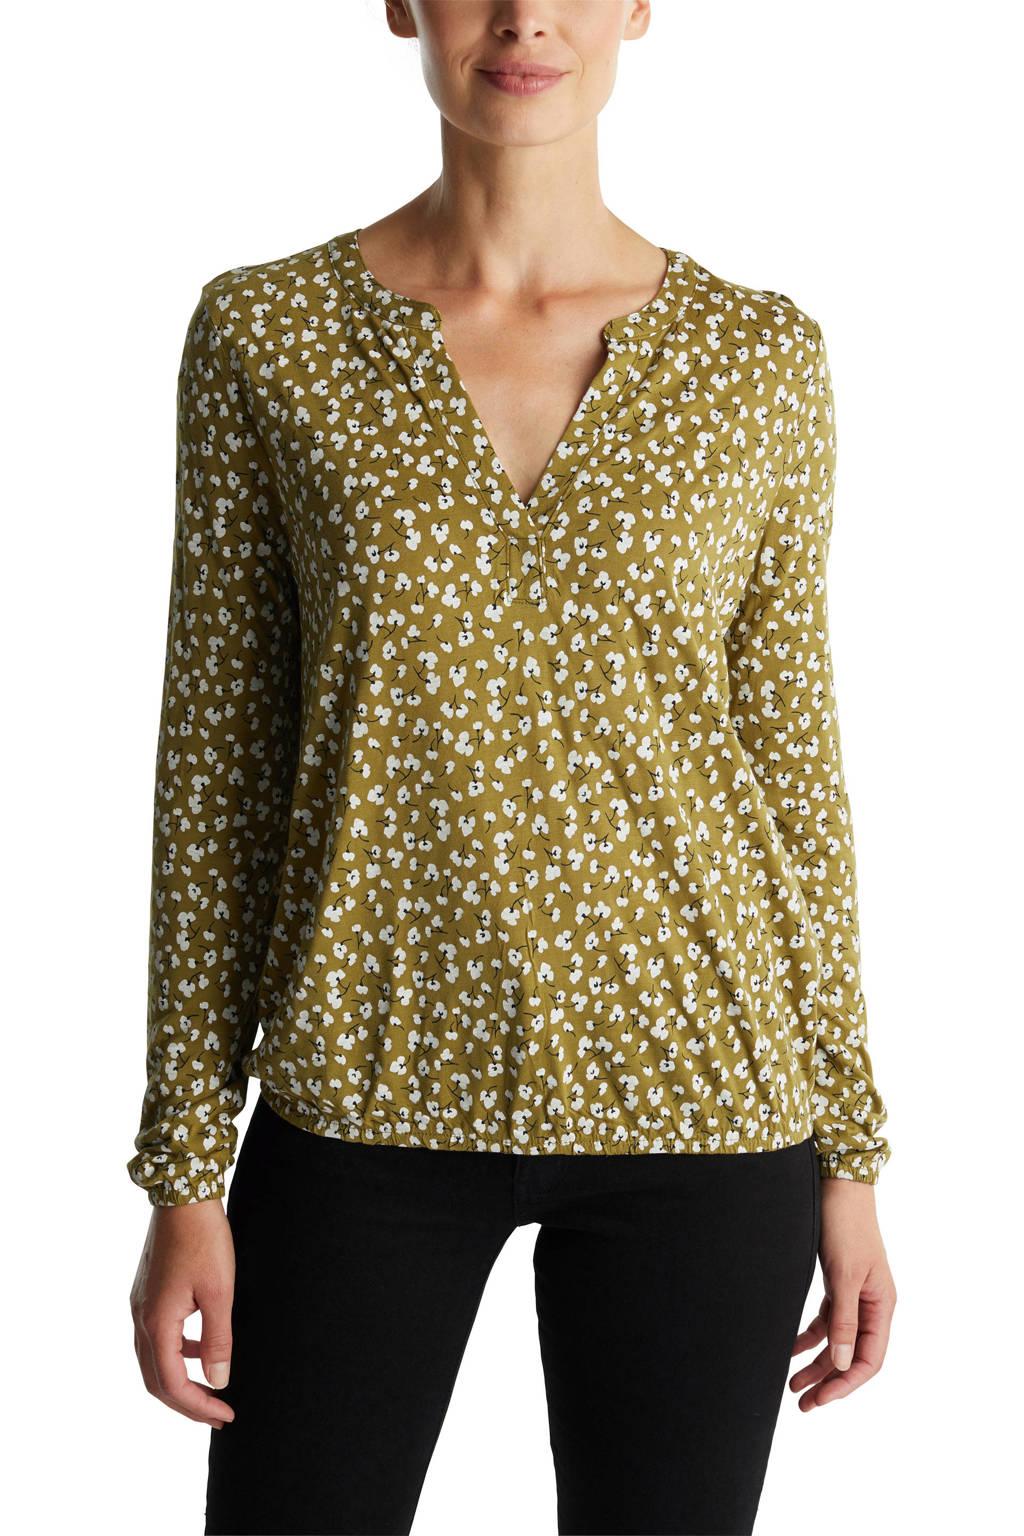 ESPRIT Women Casual top met all over print geelgroen/wit/zwart, Geelgroen/wit/zwart